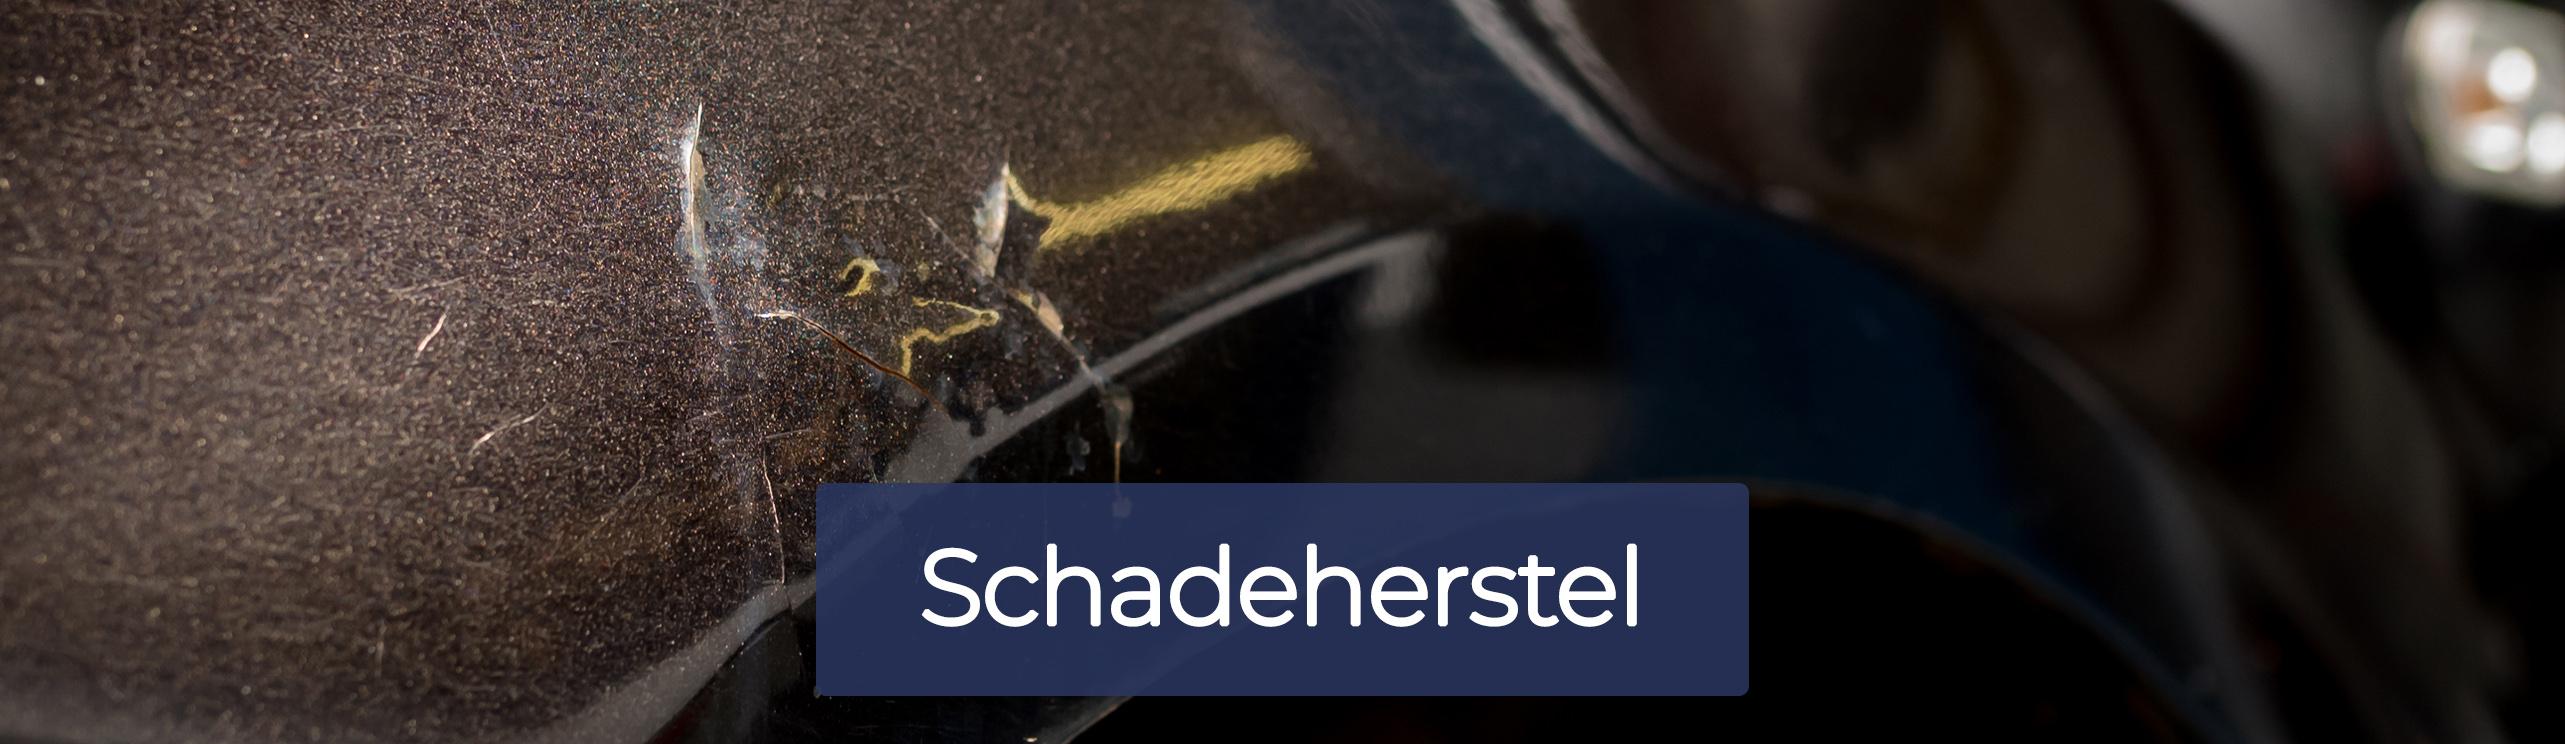 Schadeherstel Autocentrum Flevoland in Emmeloord